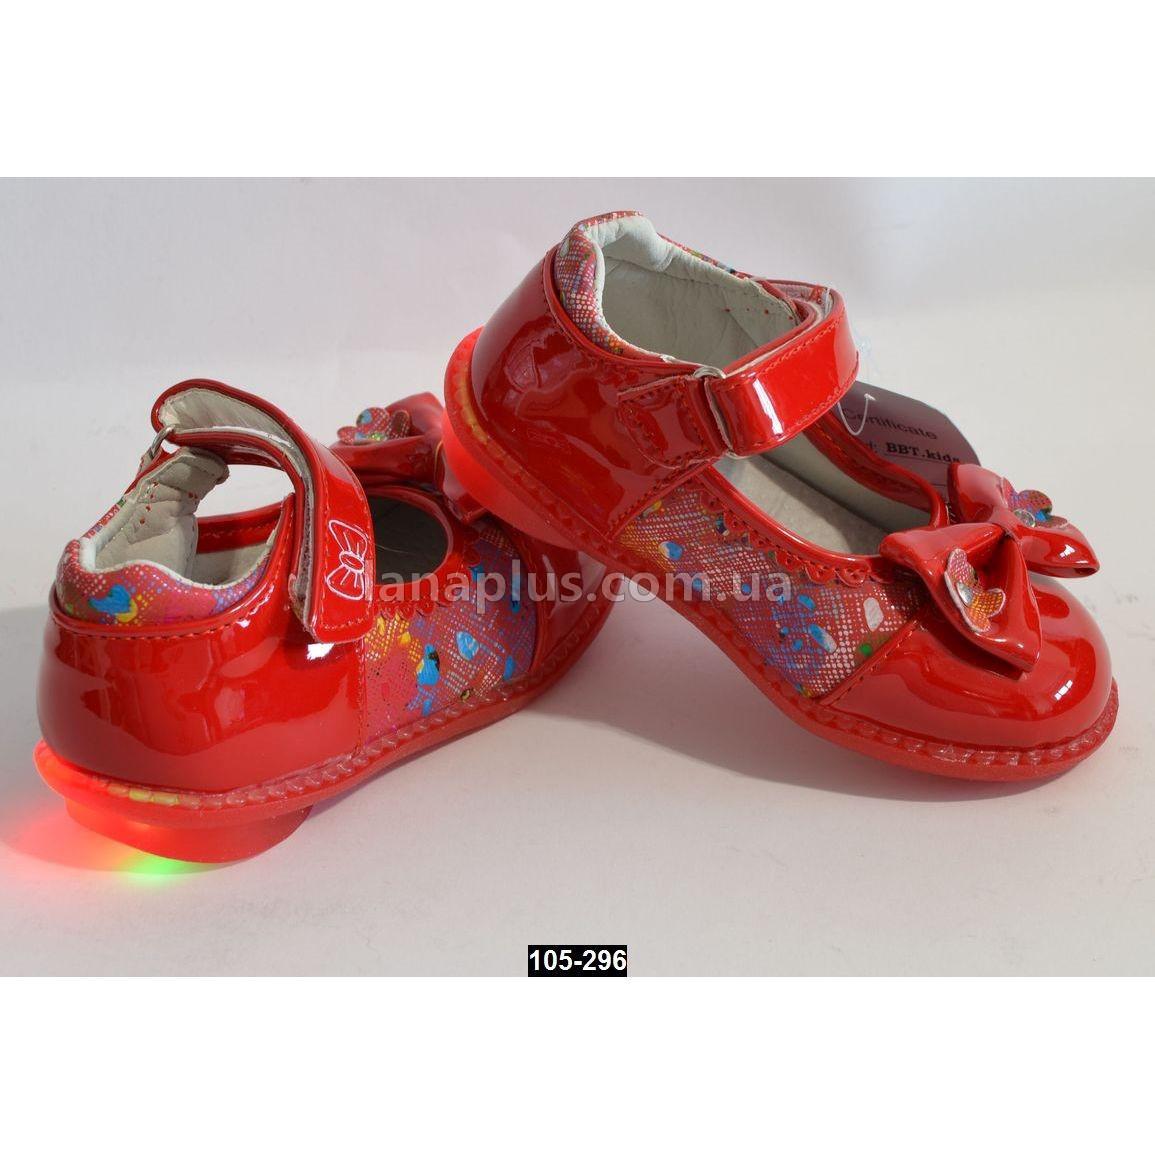 Светящиеся туфли для девочки, LED мигалки, супинатор, 21-25 размер